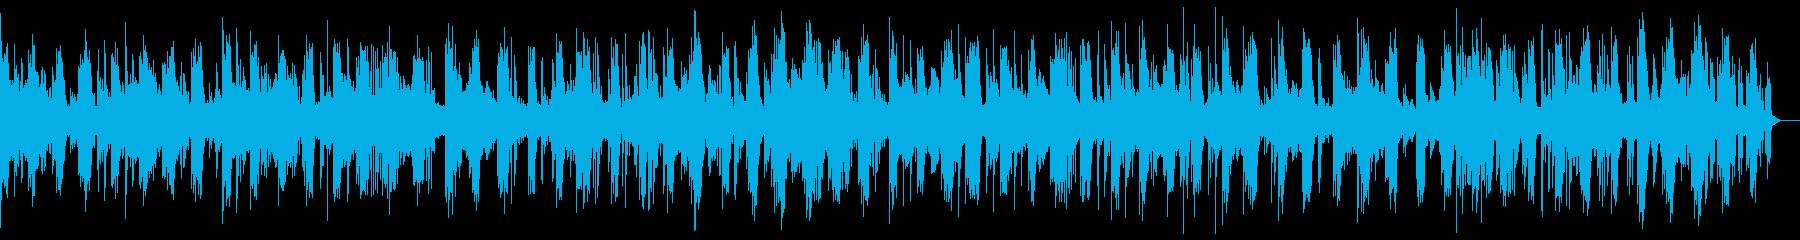 悠長で繊細なピアノヒーリングミュージックの再生済みの波形